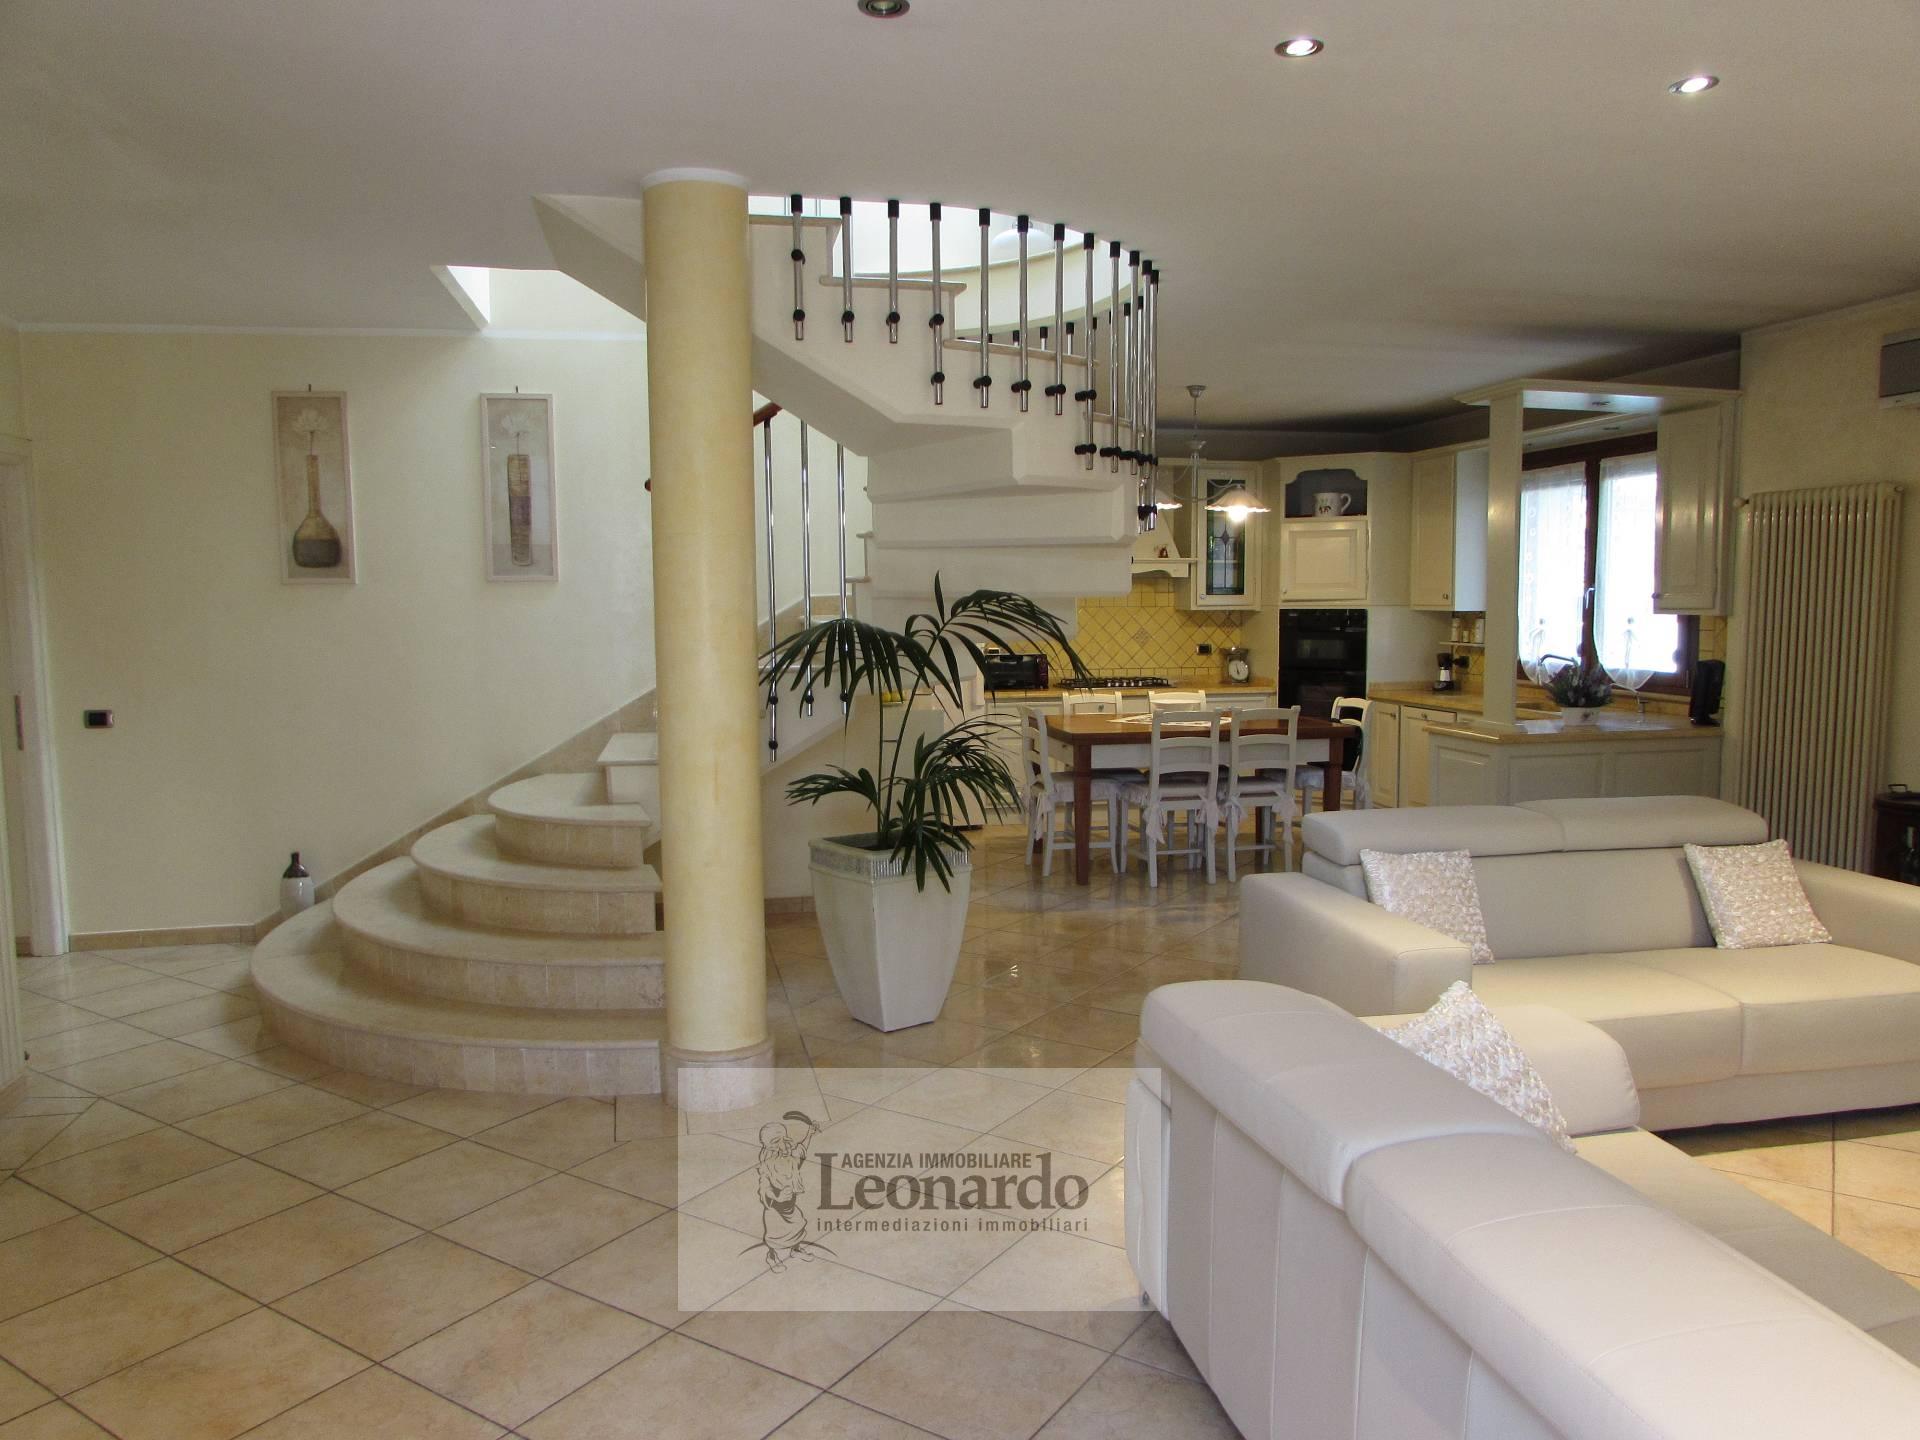 Villa in vendita a Viareggio, 7 locali, zona Località: TorredelLagoPuccini, prezzo € 650.000 | CambioCasa.it